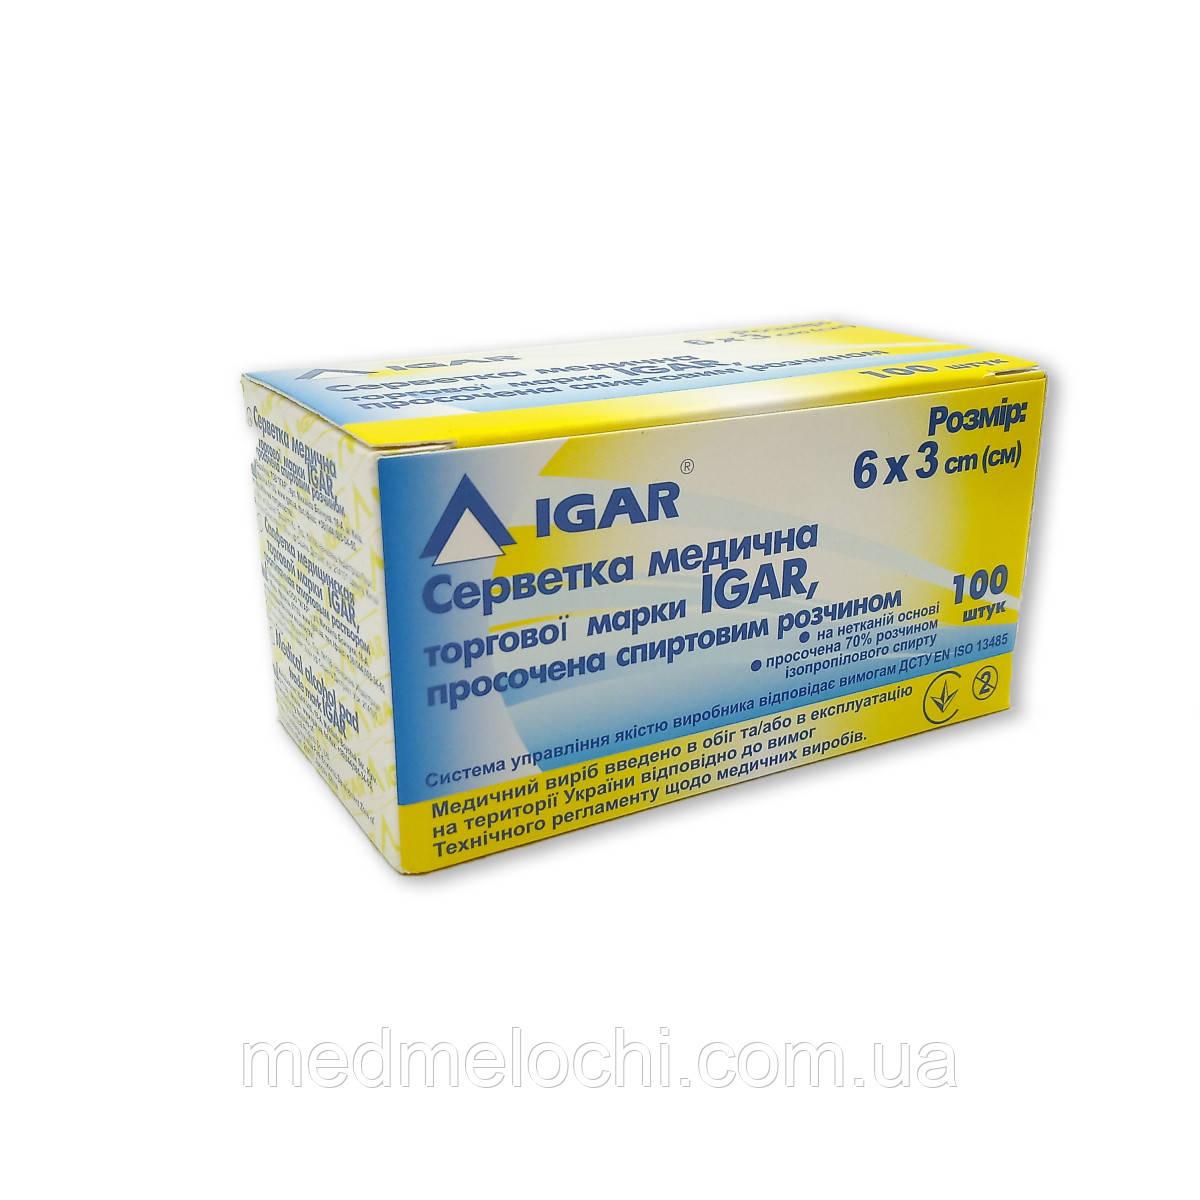 Серветка Igar, просочена спиртовим розчином, 6 х 3 см 100шт/уп